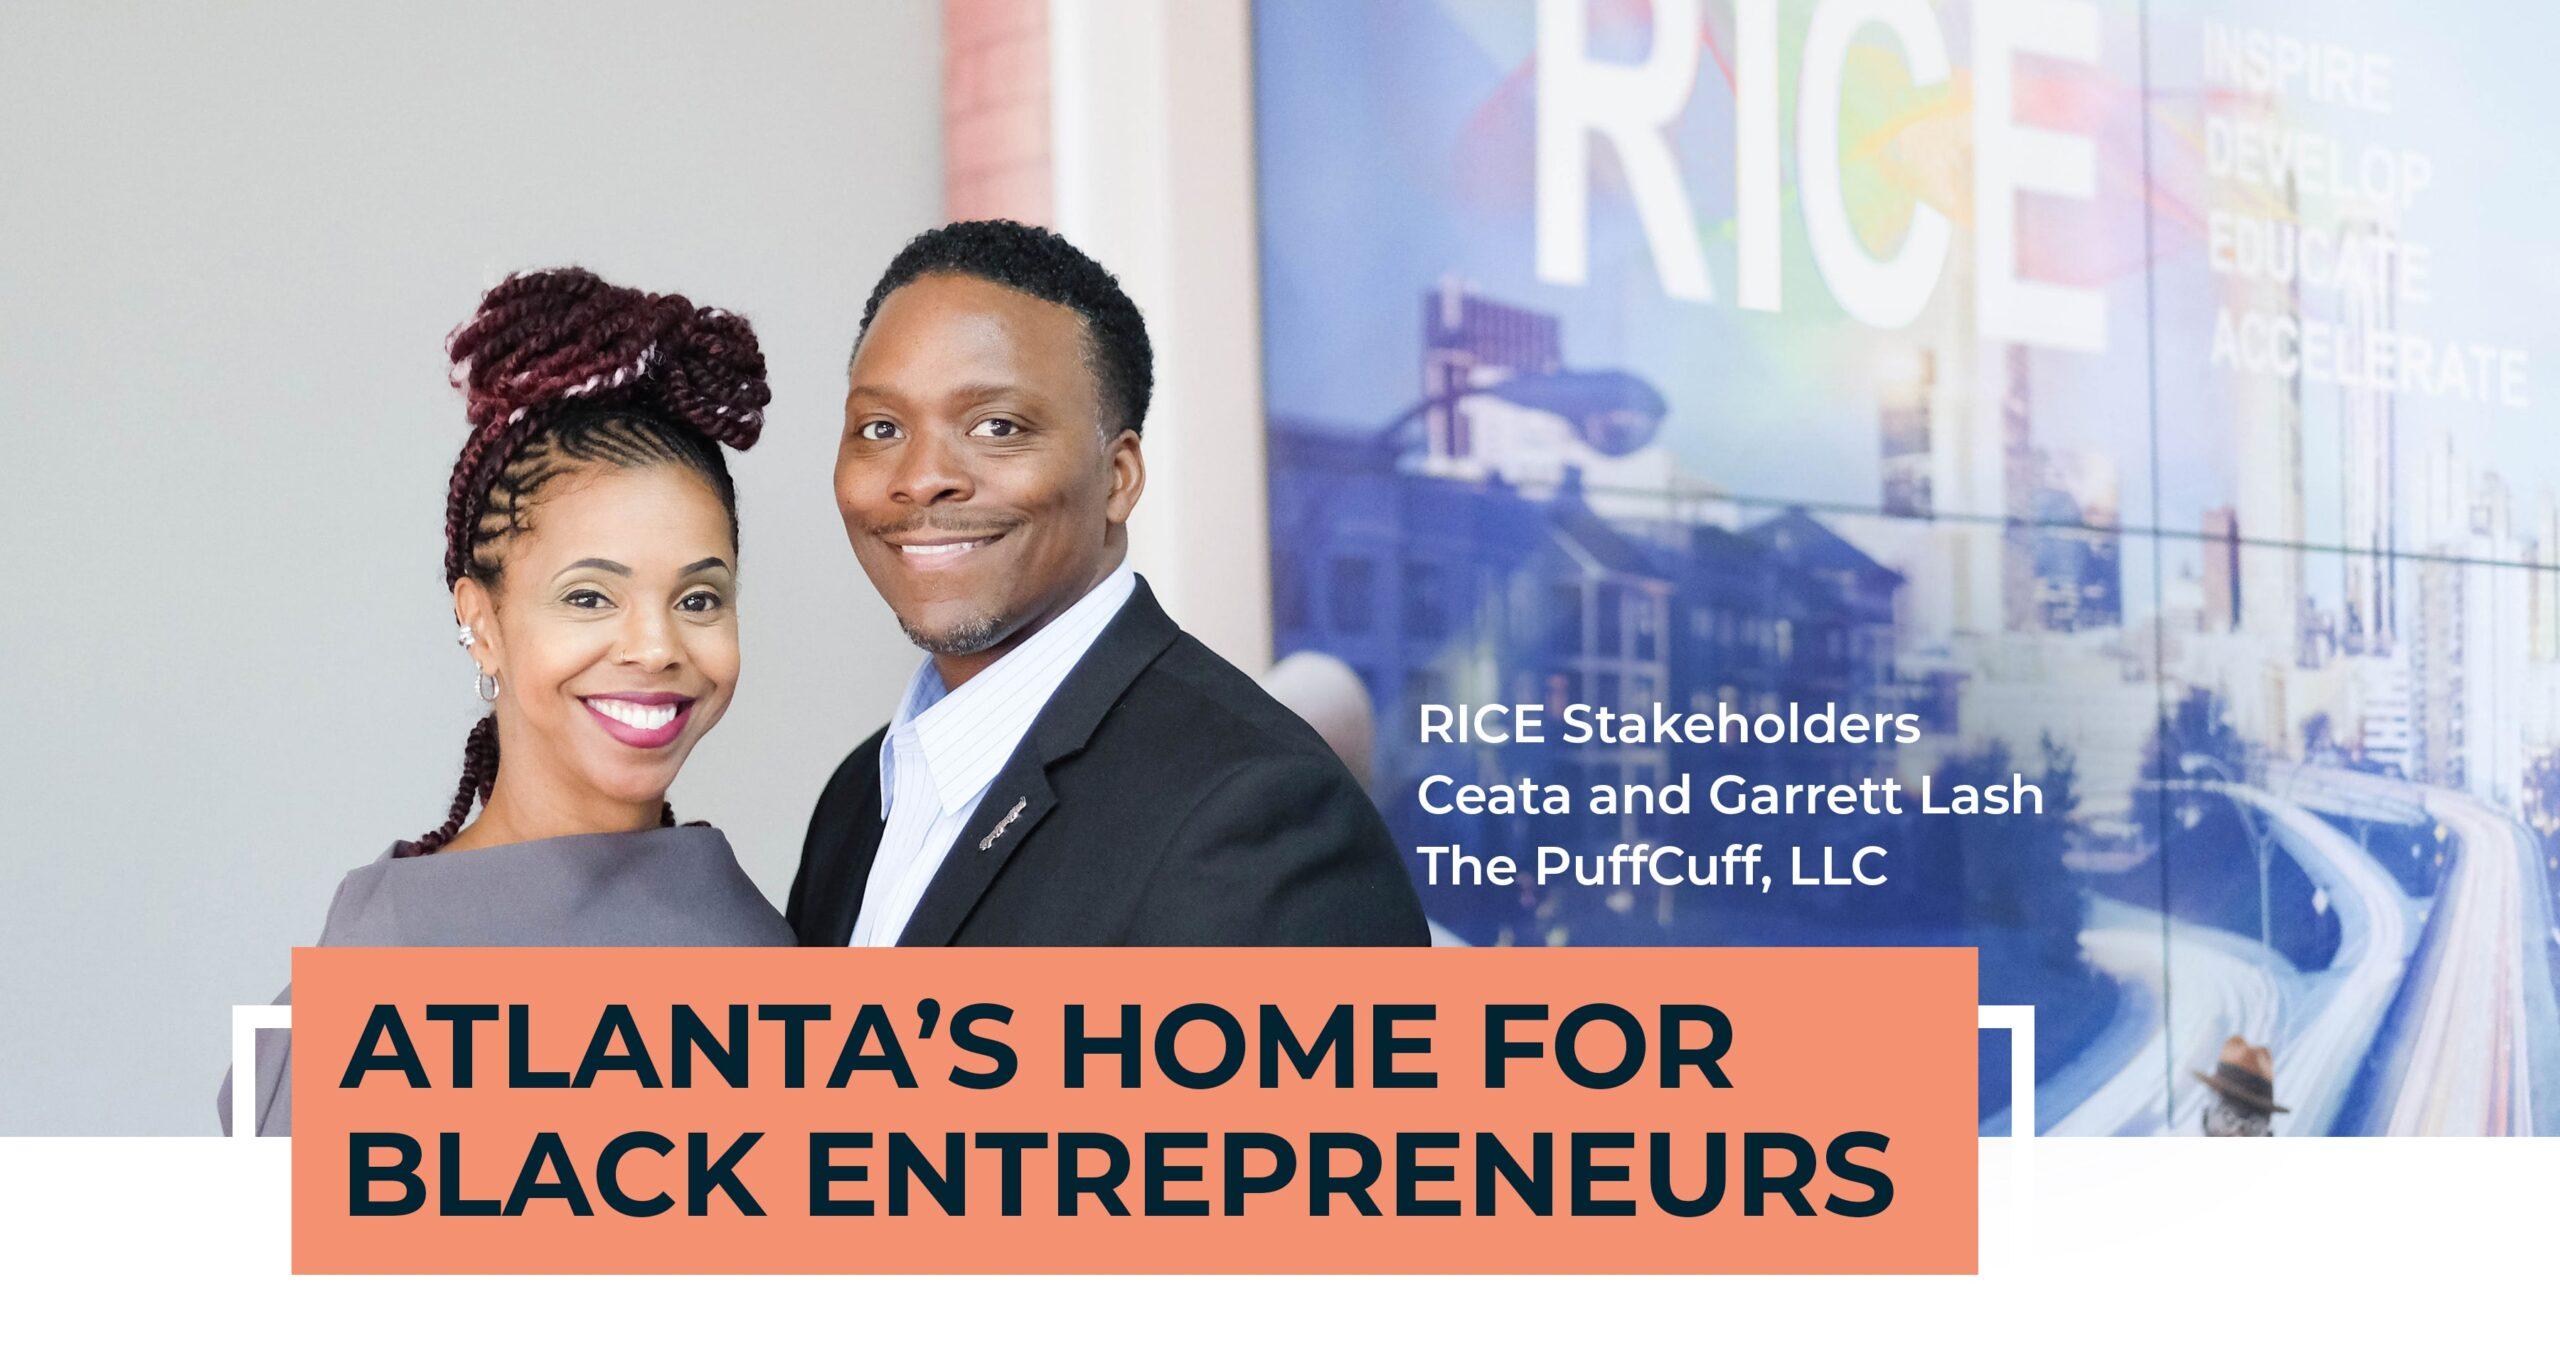 Atlanta Home for Black Entrepreneurs homepage banner